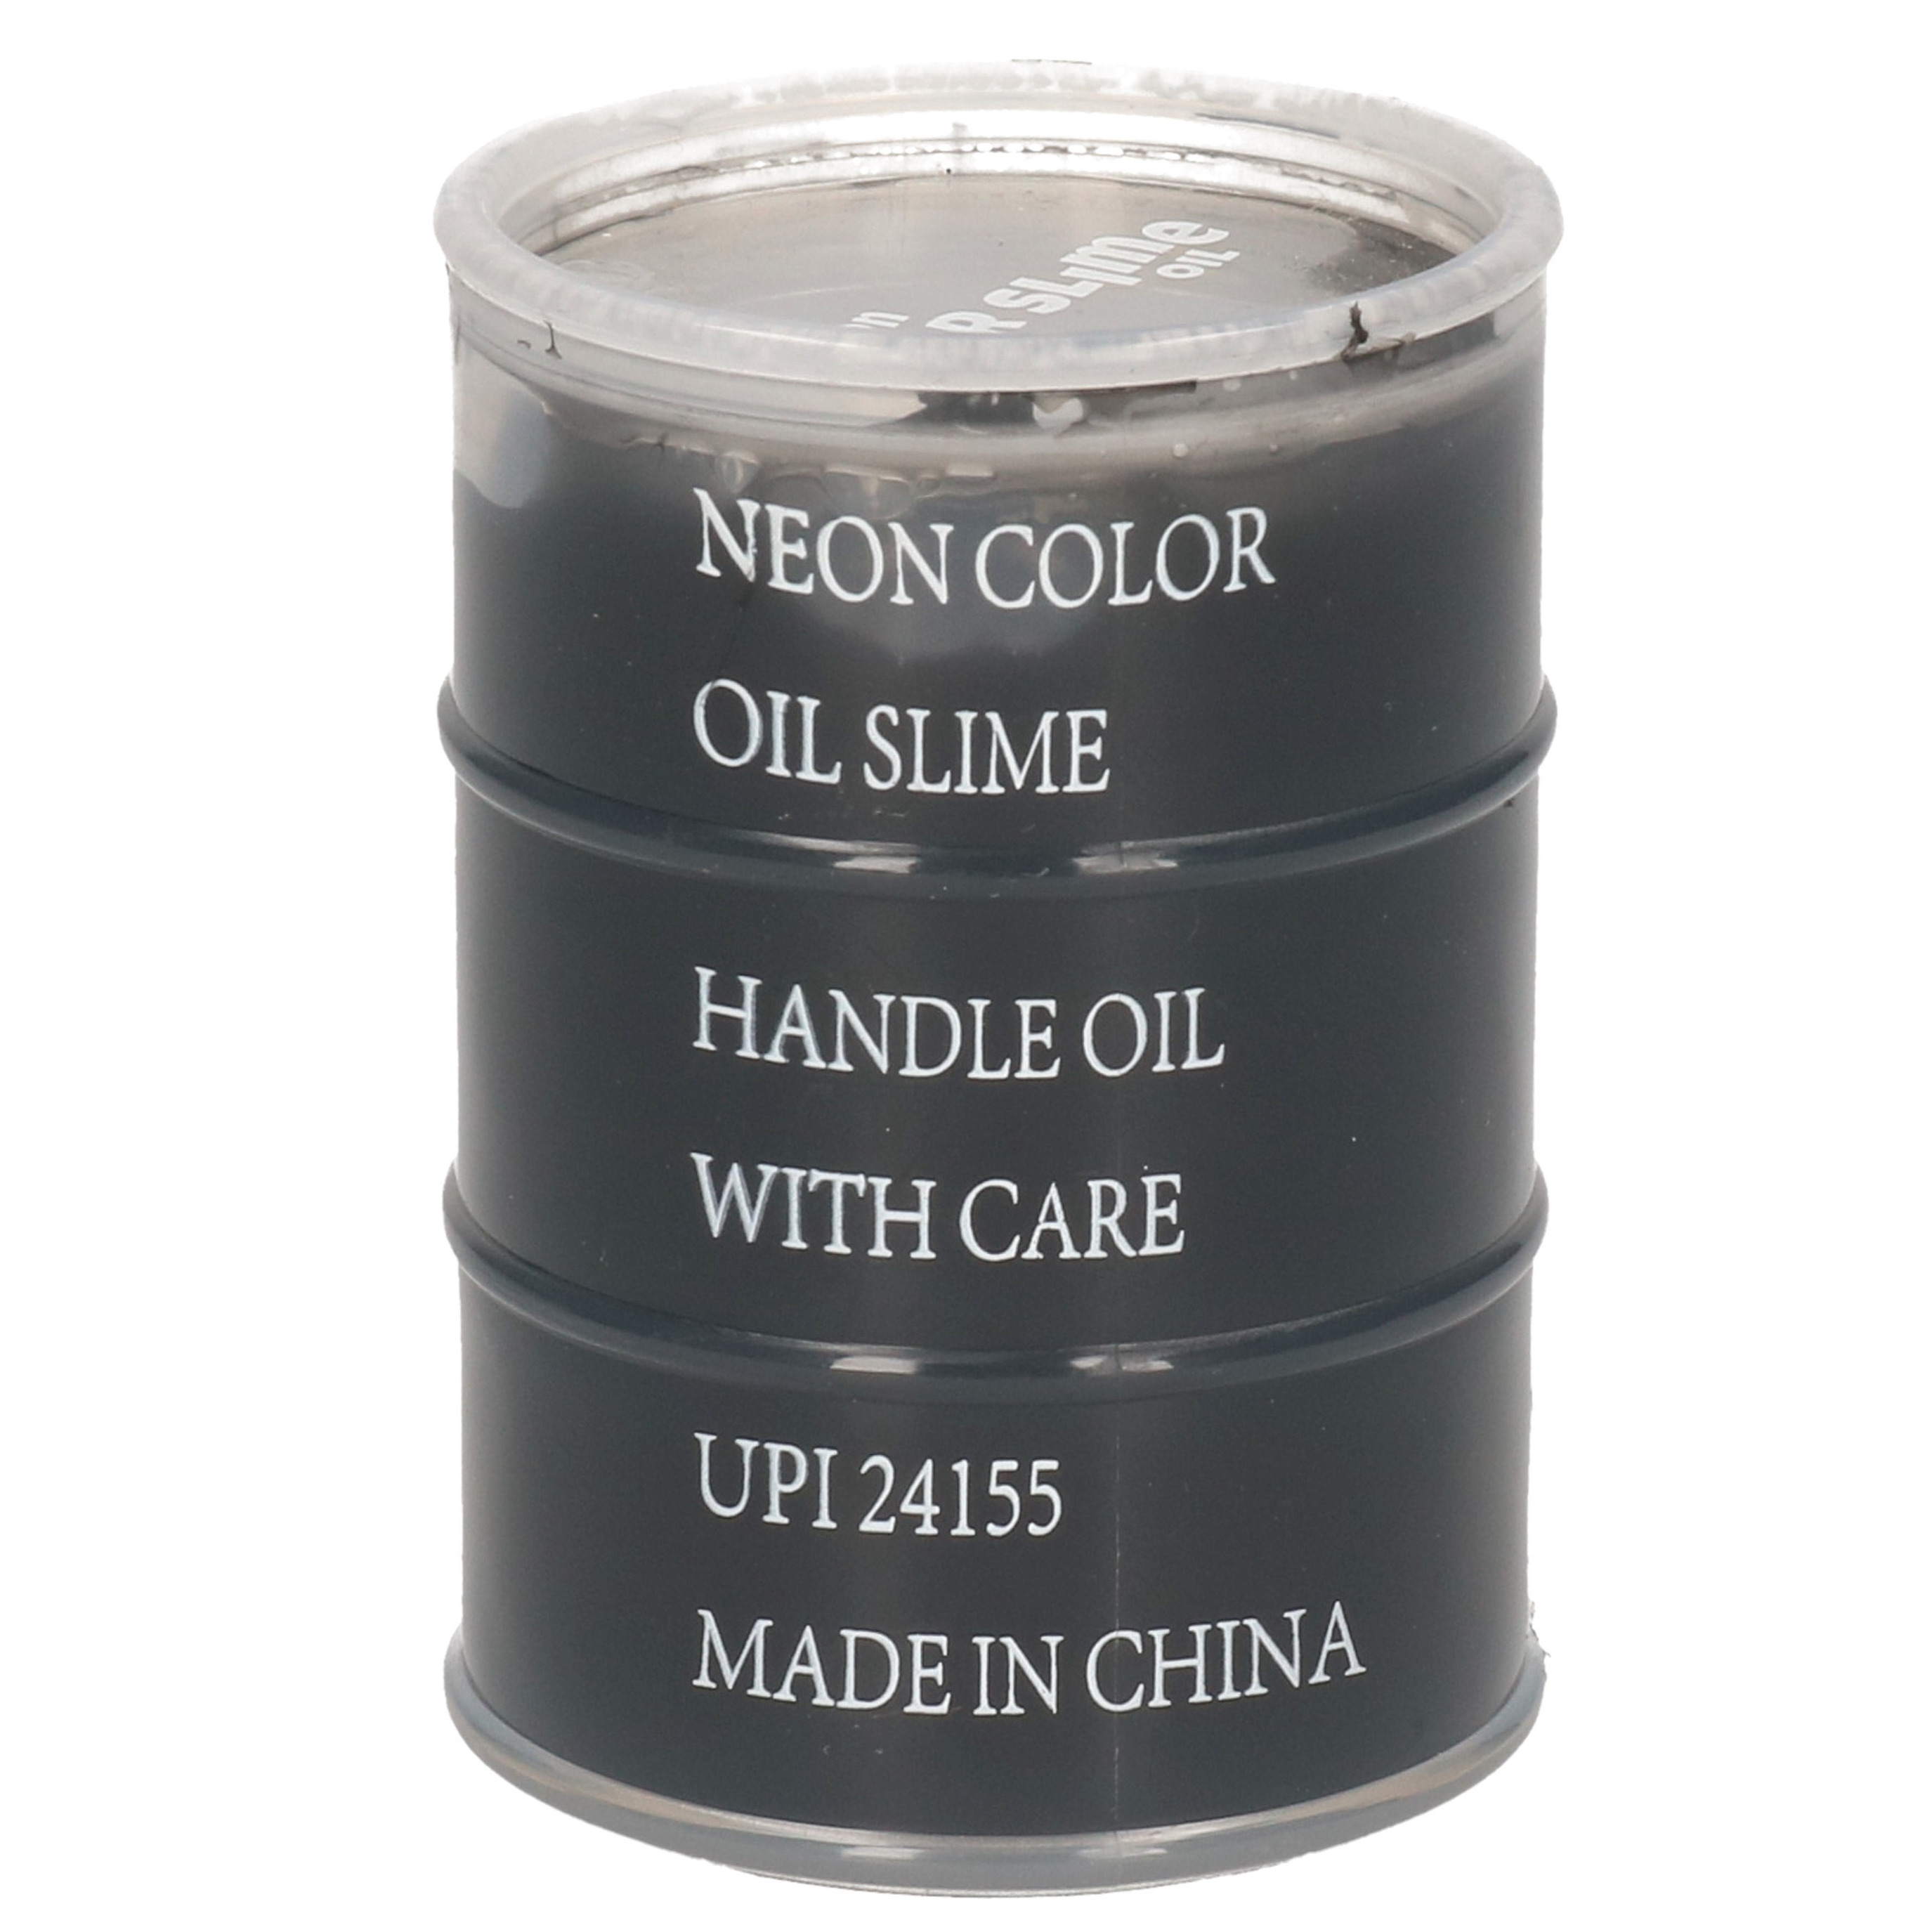 1x Potjes speelgoed/hobby slijm zwart in olievat 5,5 x 8 cm 150 ml inhoud